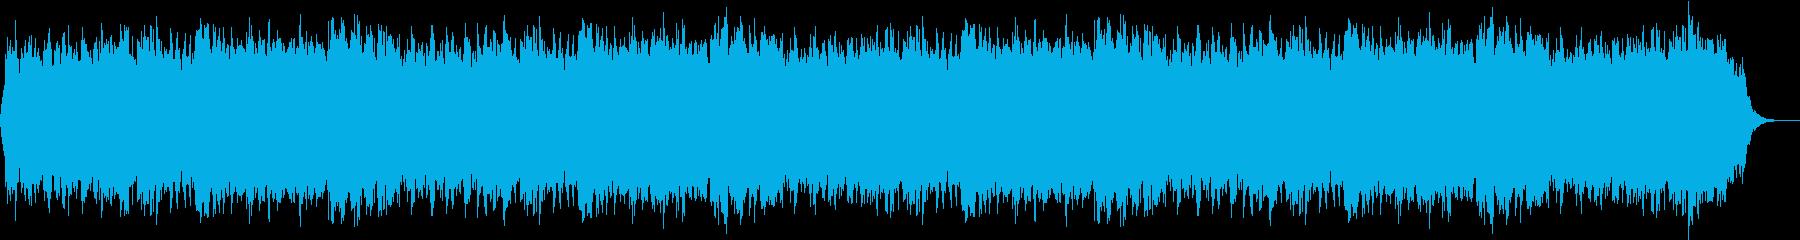 カウンセリングに最適なBGMの再生済みの波形